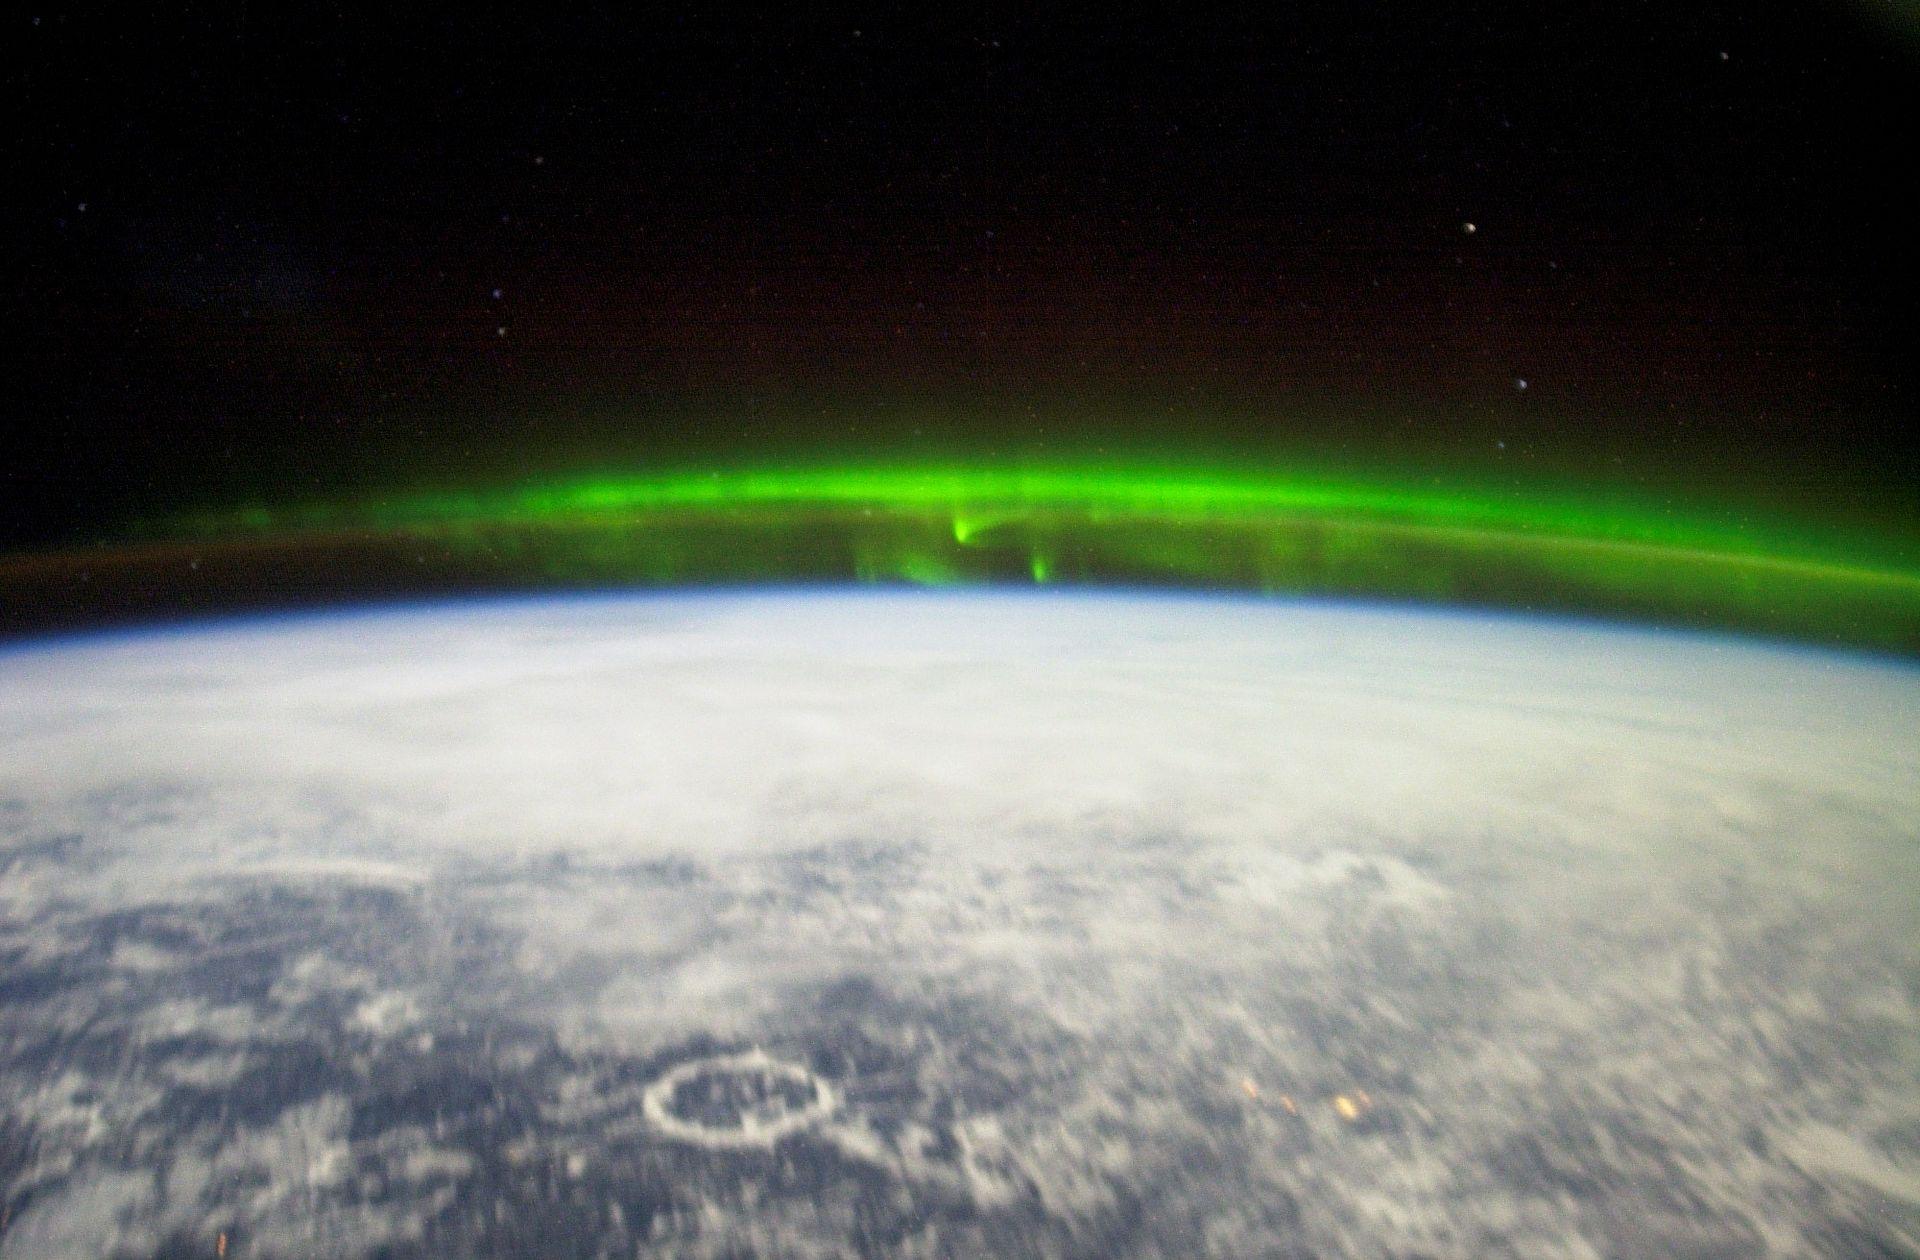 ISS Image (NASA)